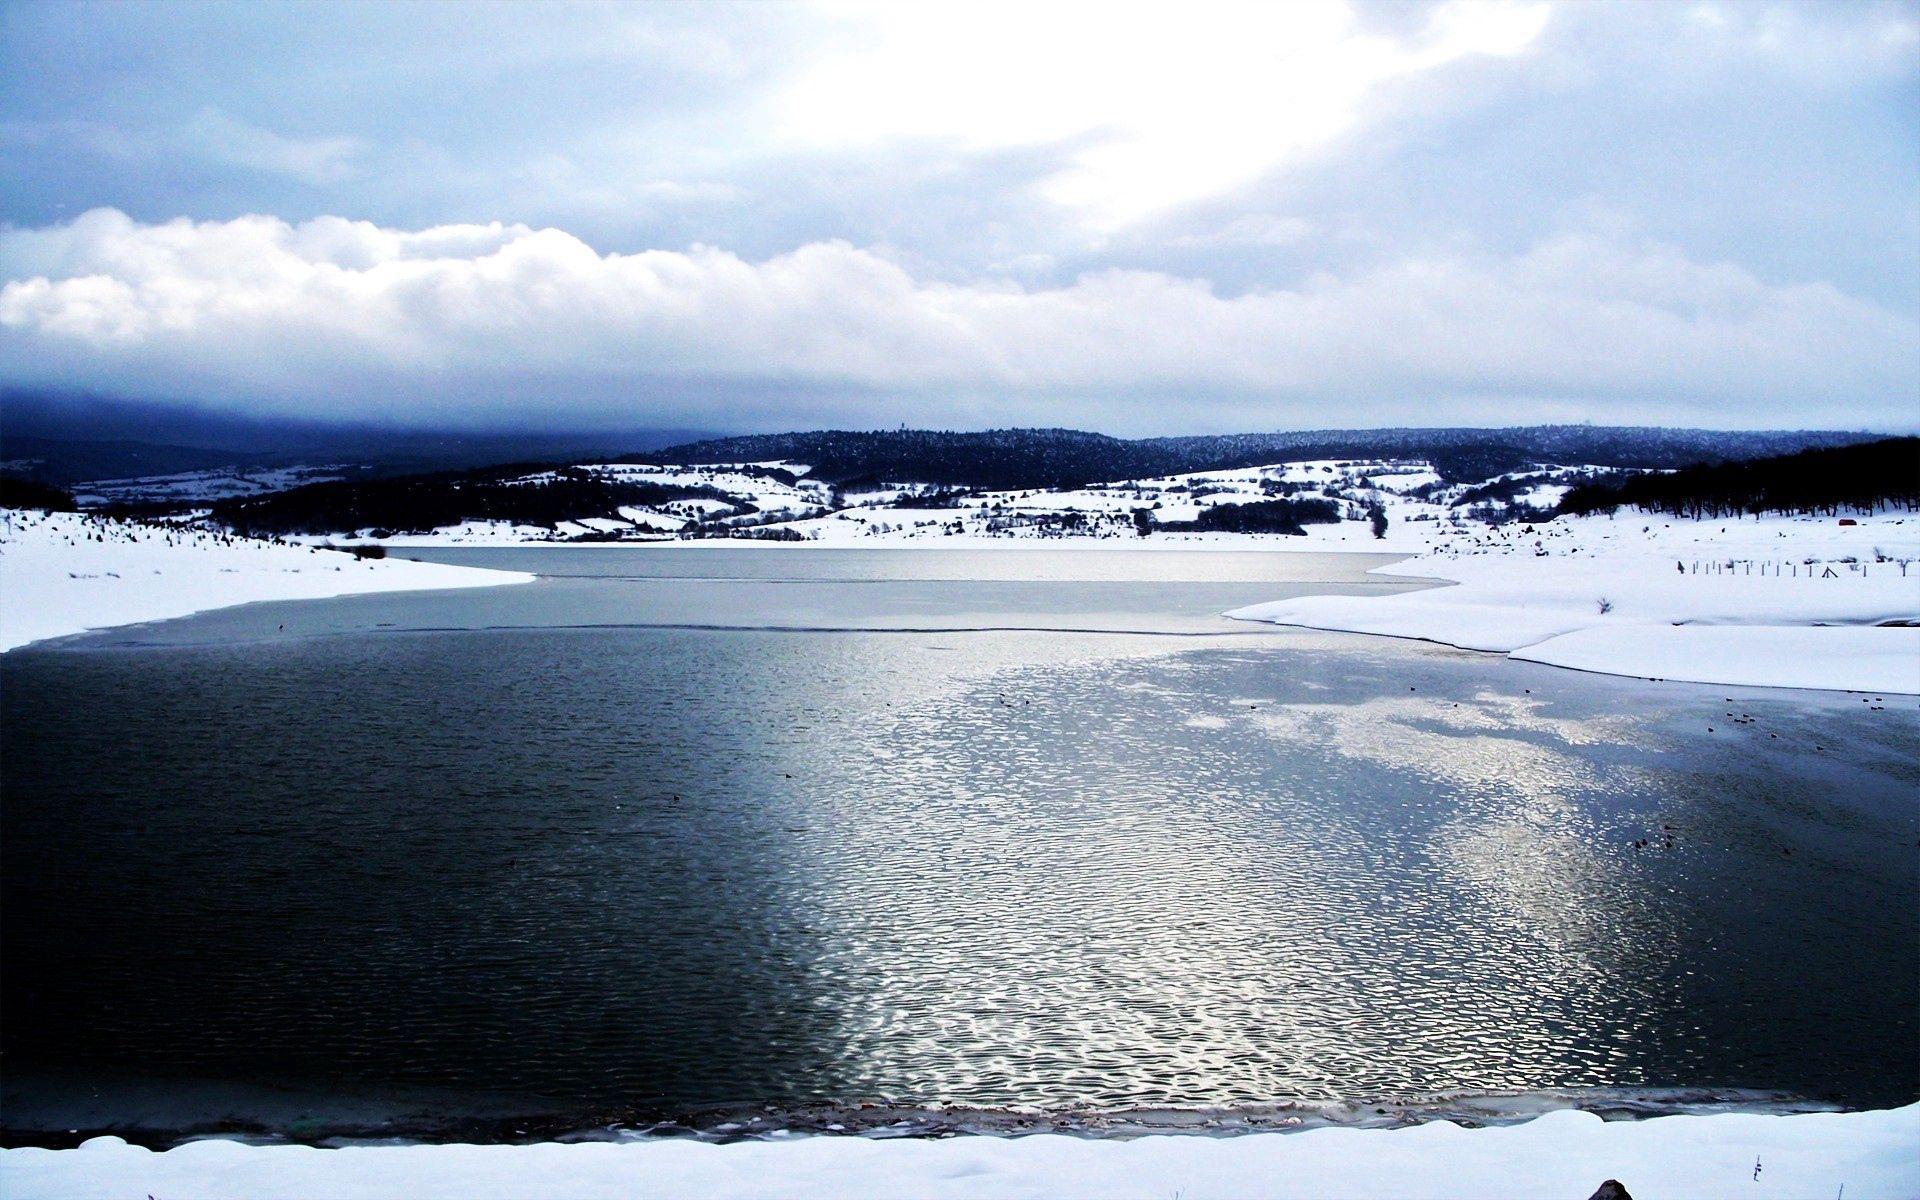 88207 скачать обои Природа, Озеро, Холод, Вода, Гладь, Лед, Снег, Облака, Переливы - заставки и картинки бесплатно